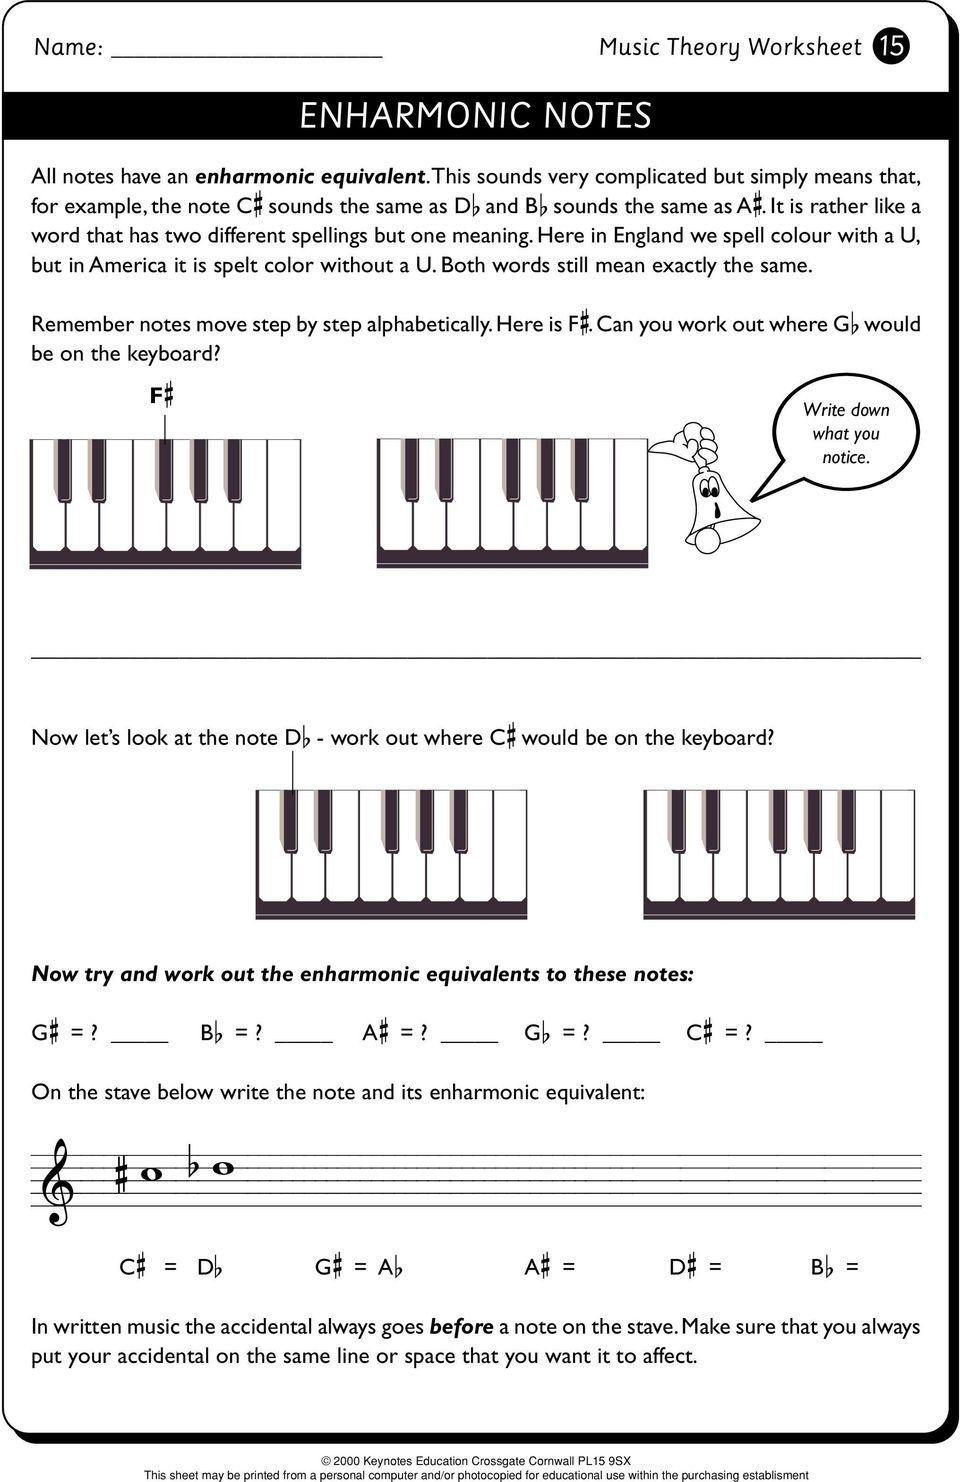 Enharmonic Notes Worksheet Answers Music Theory Worksheet Music Theory 1 Pdf Free Download In 2020 Music Theory Worksheets Worksheets Free Printable Worksheets